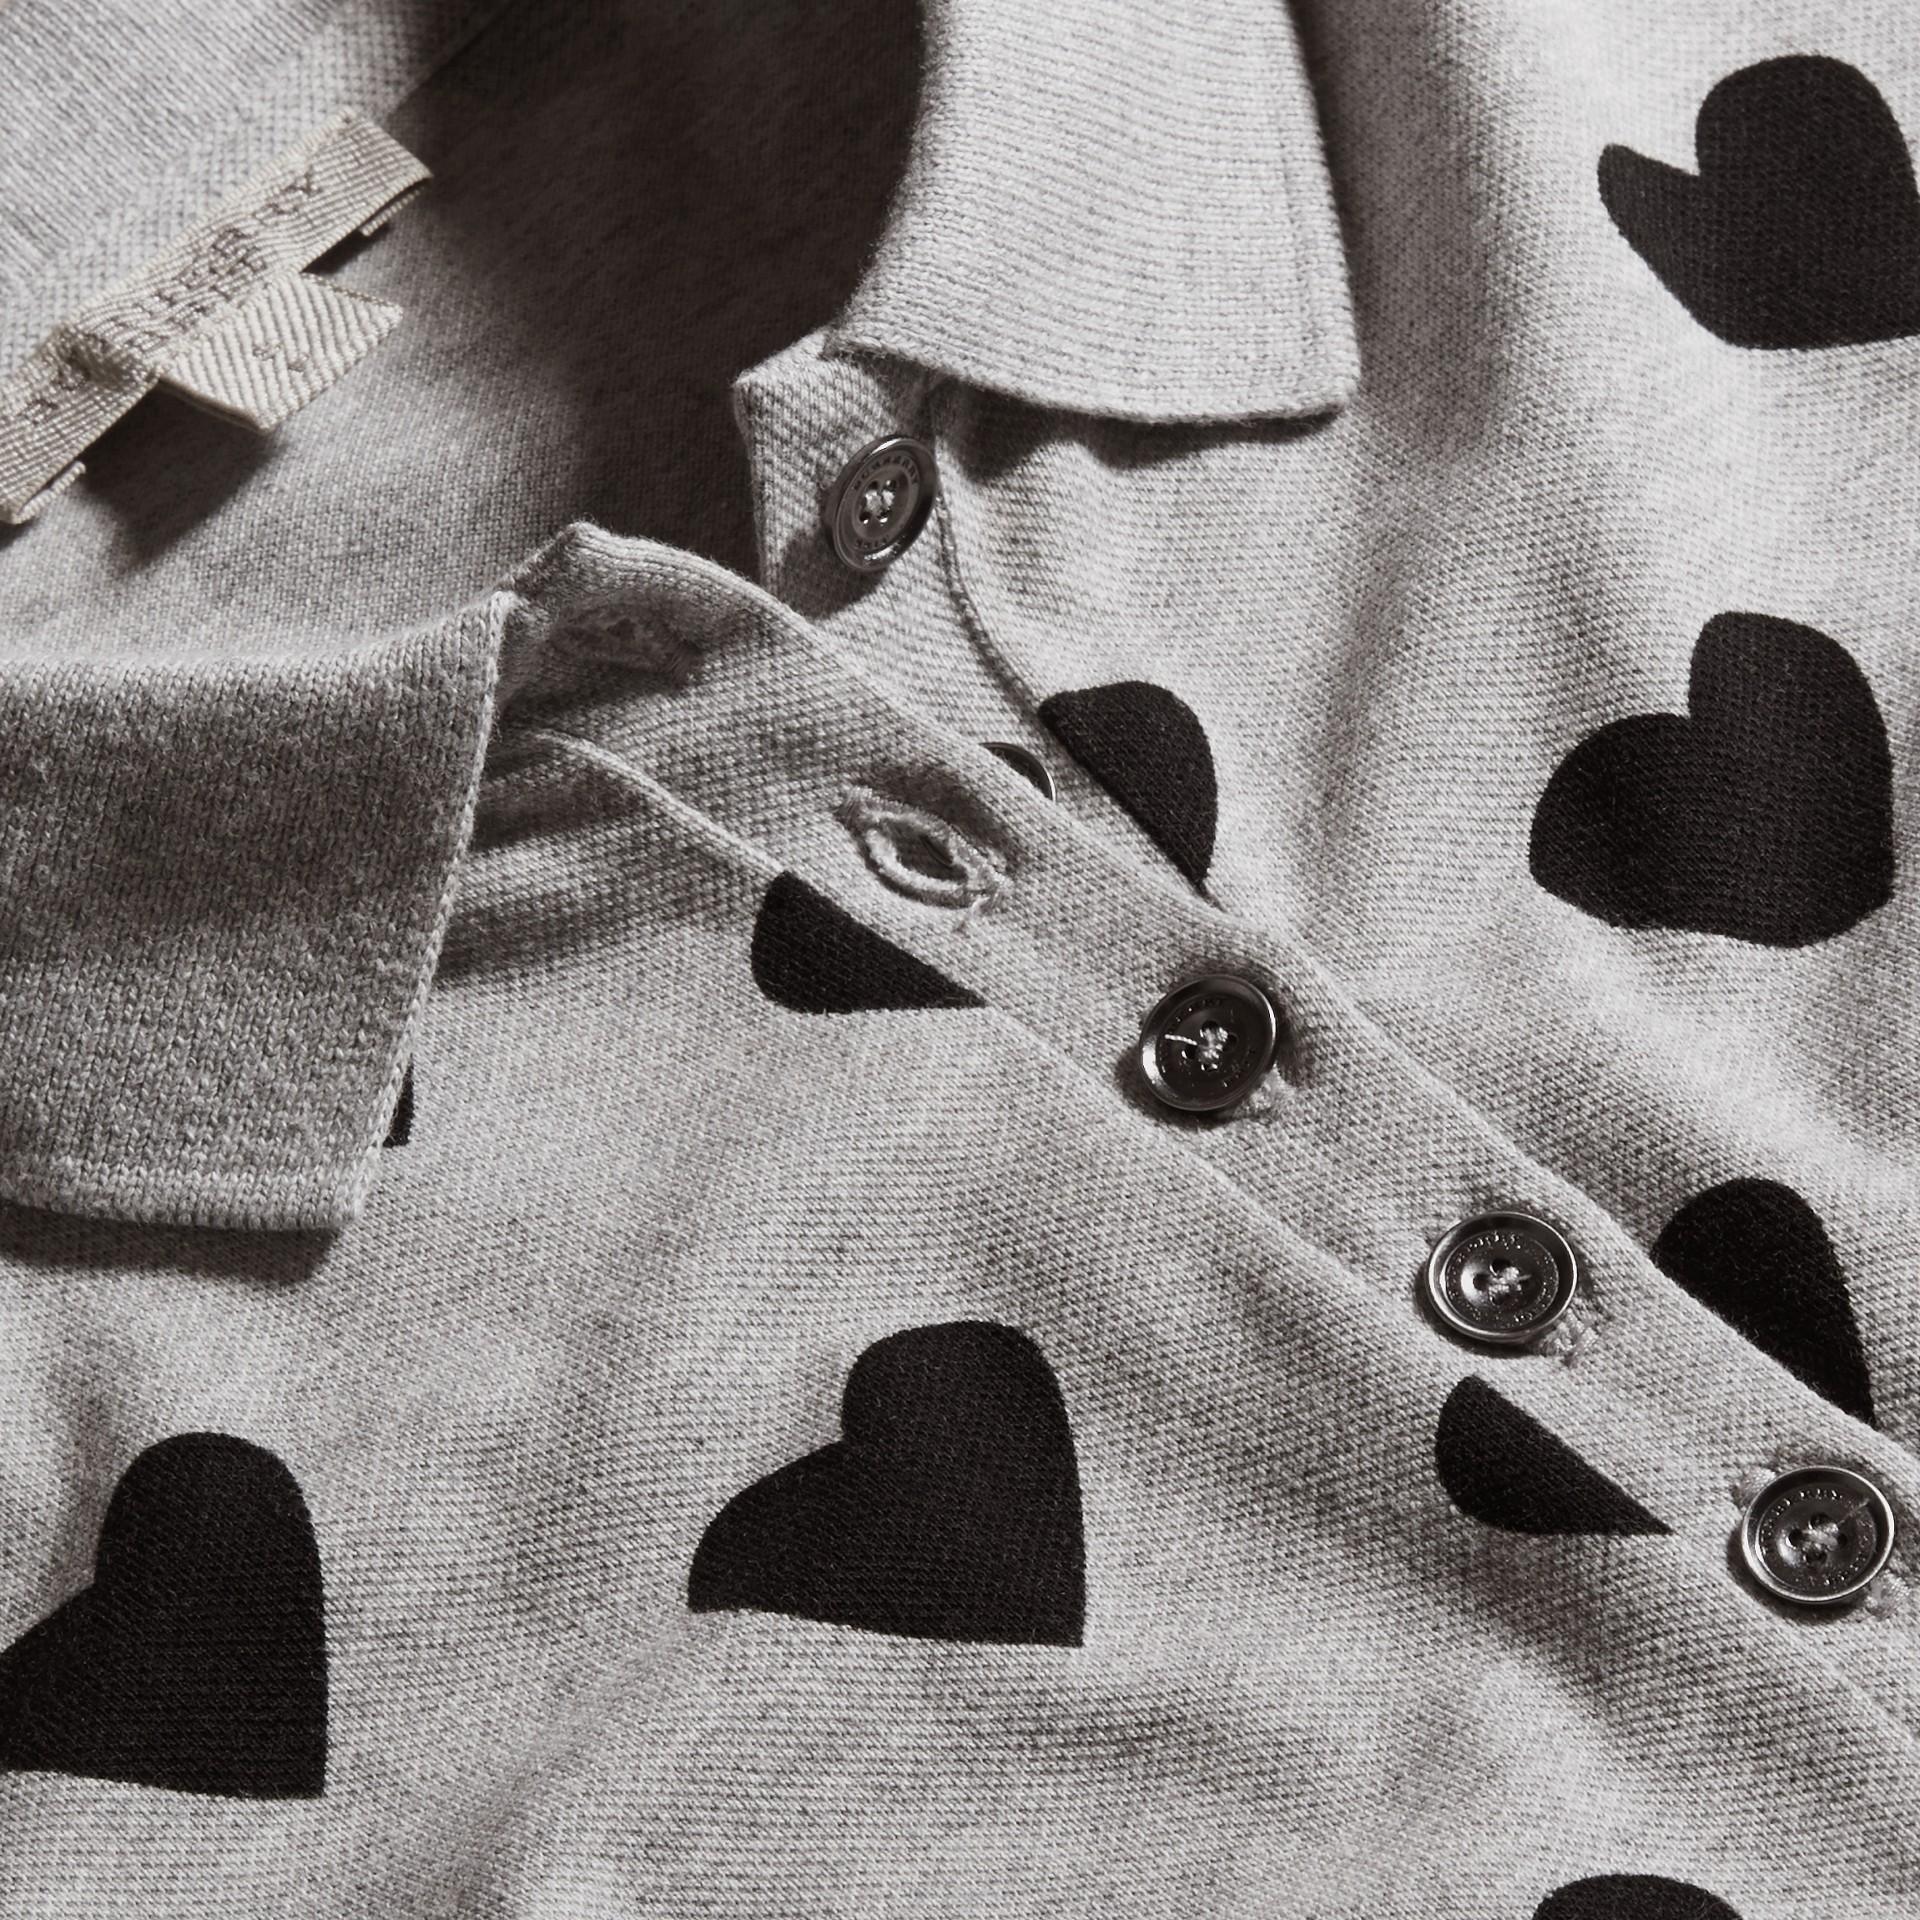 灰色 心型印花伸縮棉質珠地網眼 Polo 衫 灰色 - 圖庫照片 2